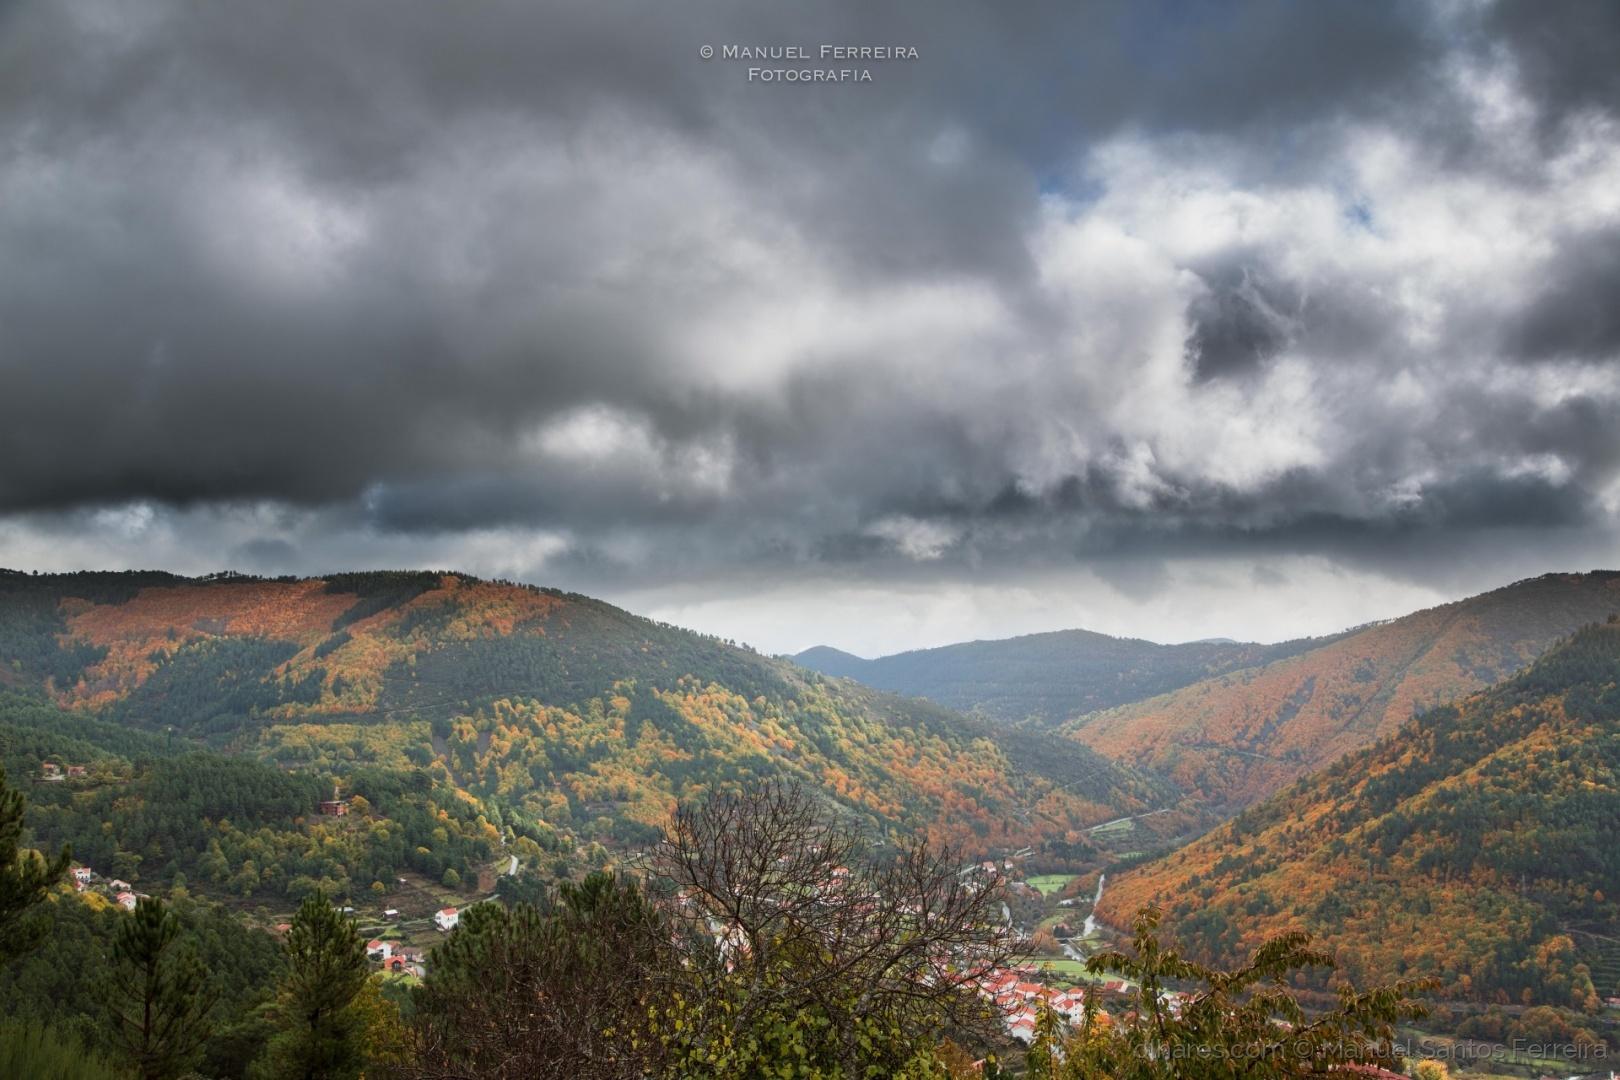 © Manuel Santos Ferreira - Outono no vale do Zêzere